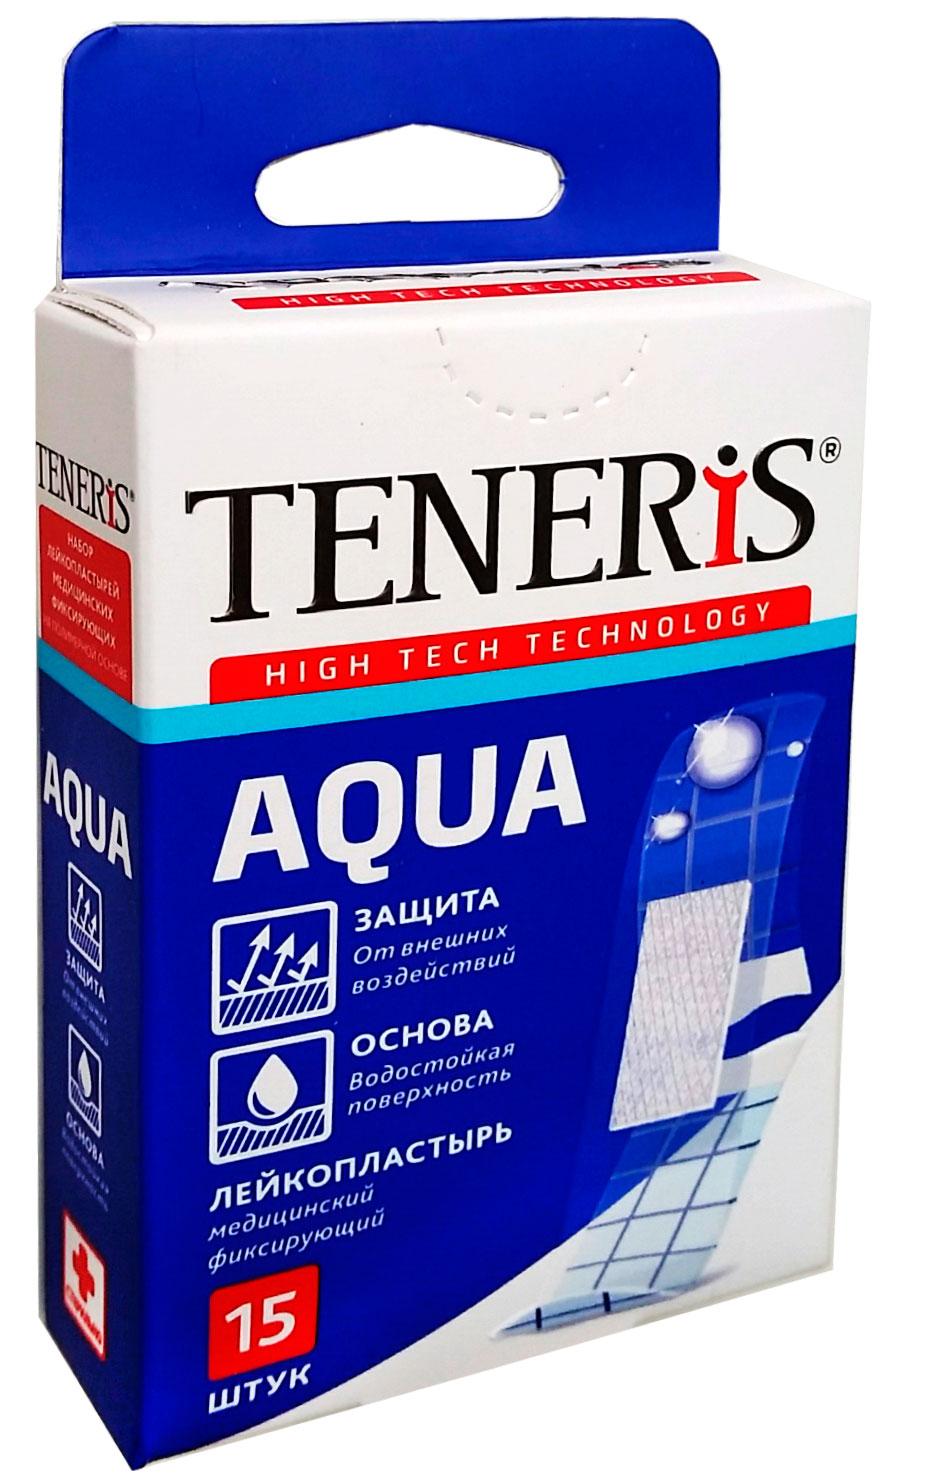 Набор лейкопластырей Тенерис Аква: 15 шт, 76 мм х19 мм54065Водонепроницаемый лейкопластырь на основе полиуретановой пленки. Технология вторая кожа. Надежно защищает рану во время купания. Антитравматическое покрытие раневой подушечки. 15 шт. в упаковке